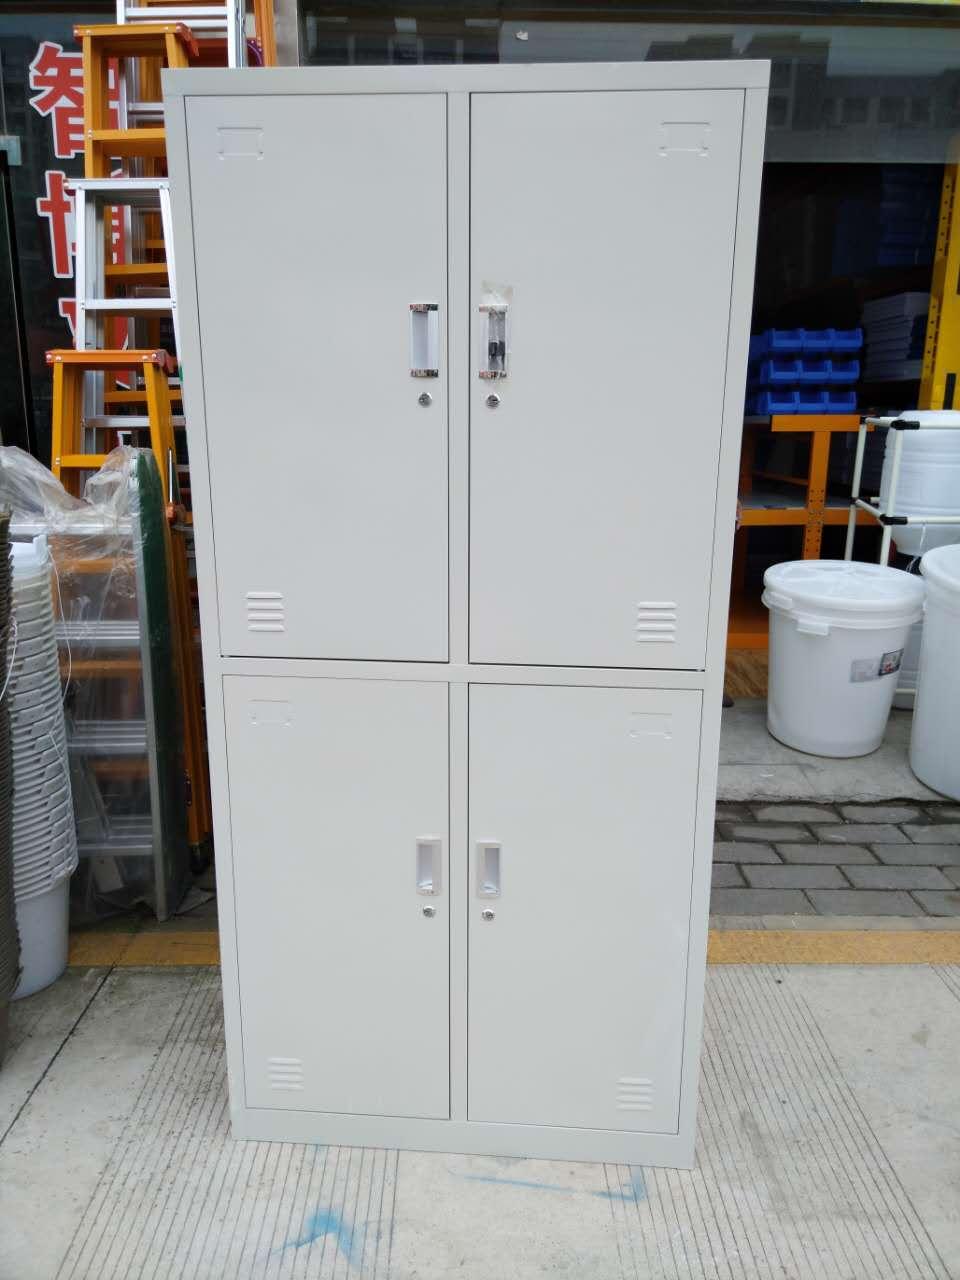 毕节贵州办公文件柜